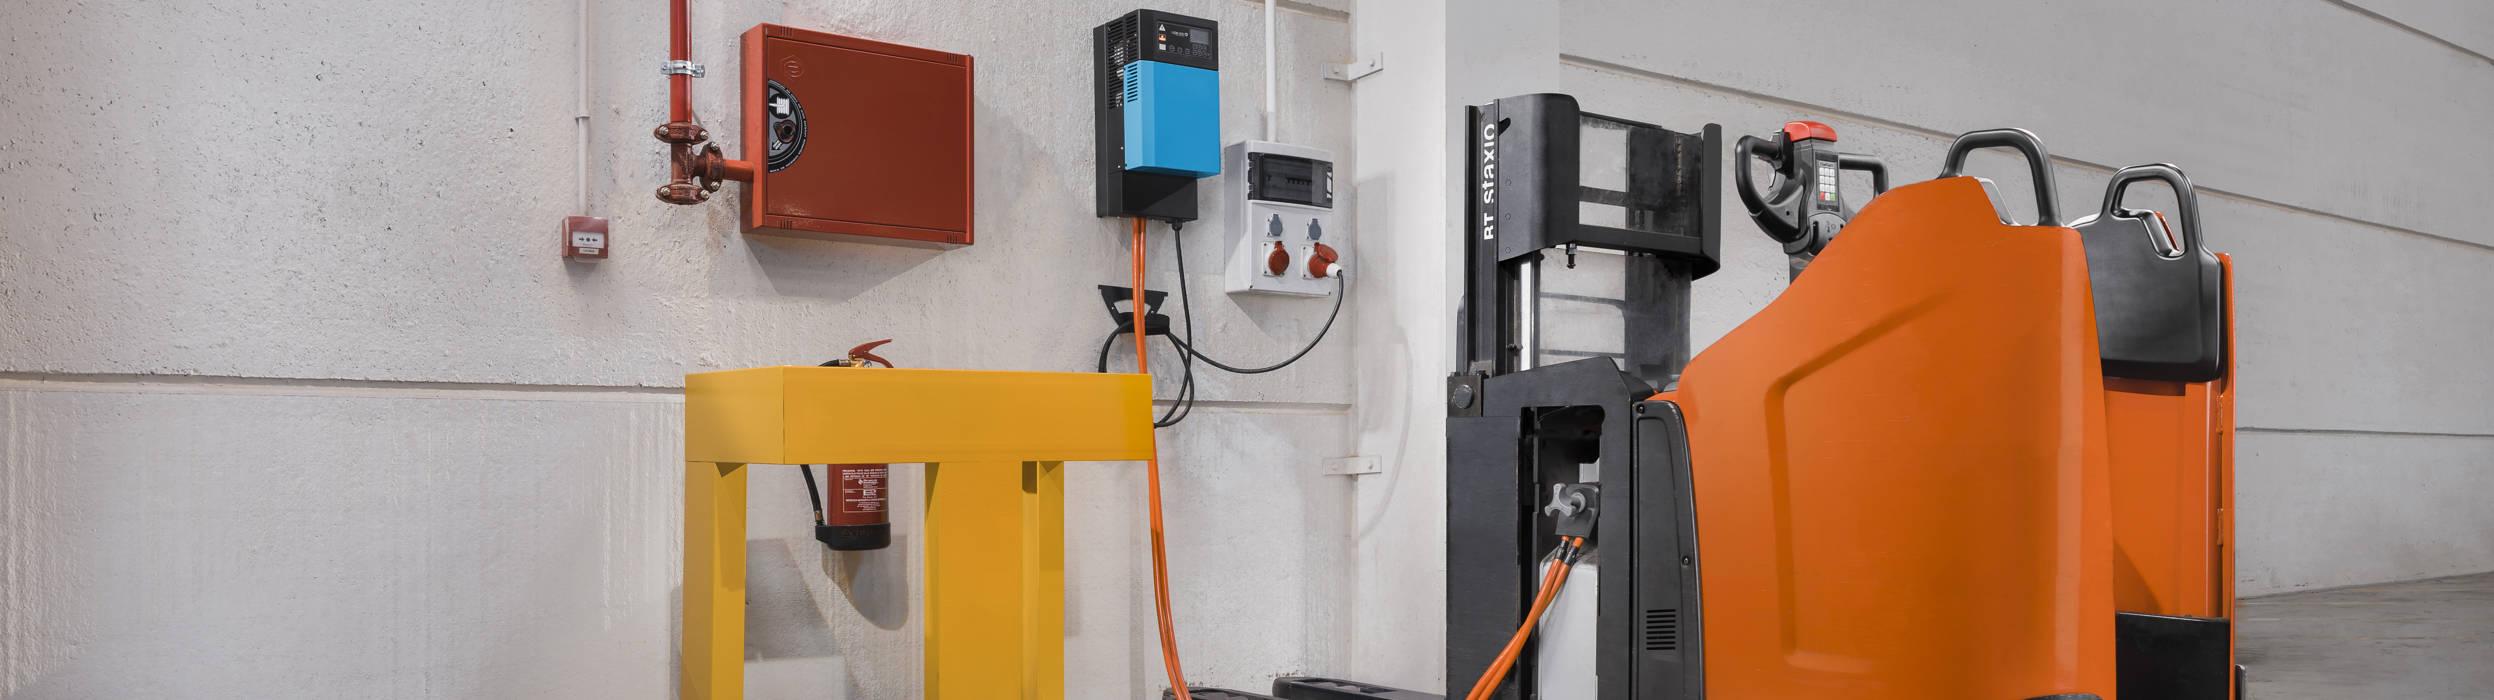 Litiumjon är en nyare typ av batteri, men som till skillnad från det traditionella blysyrabatteriet har en mycket högre energidensitet och kan därför lagra och ladda energi mycket snabbare.